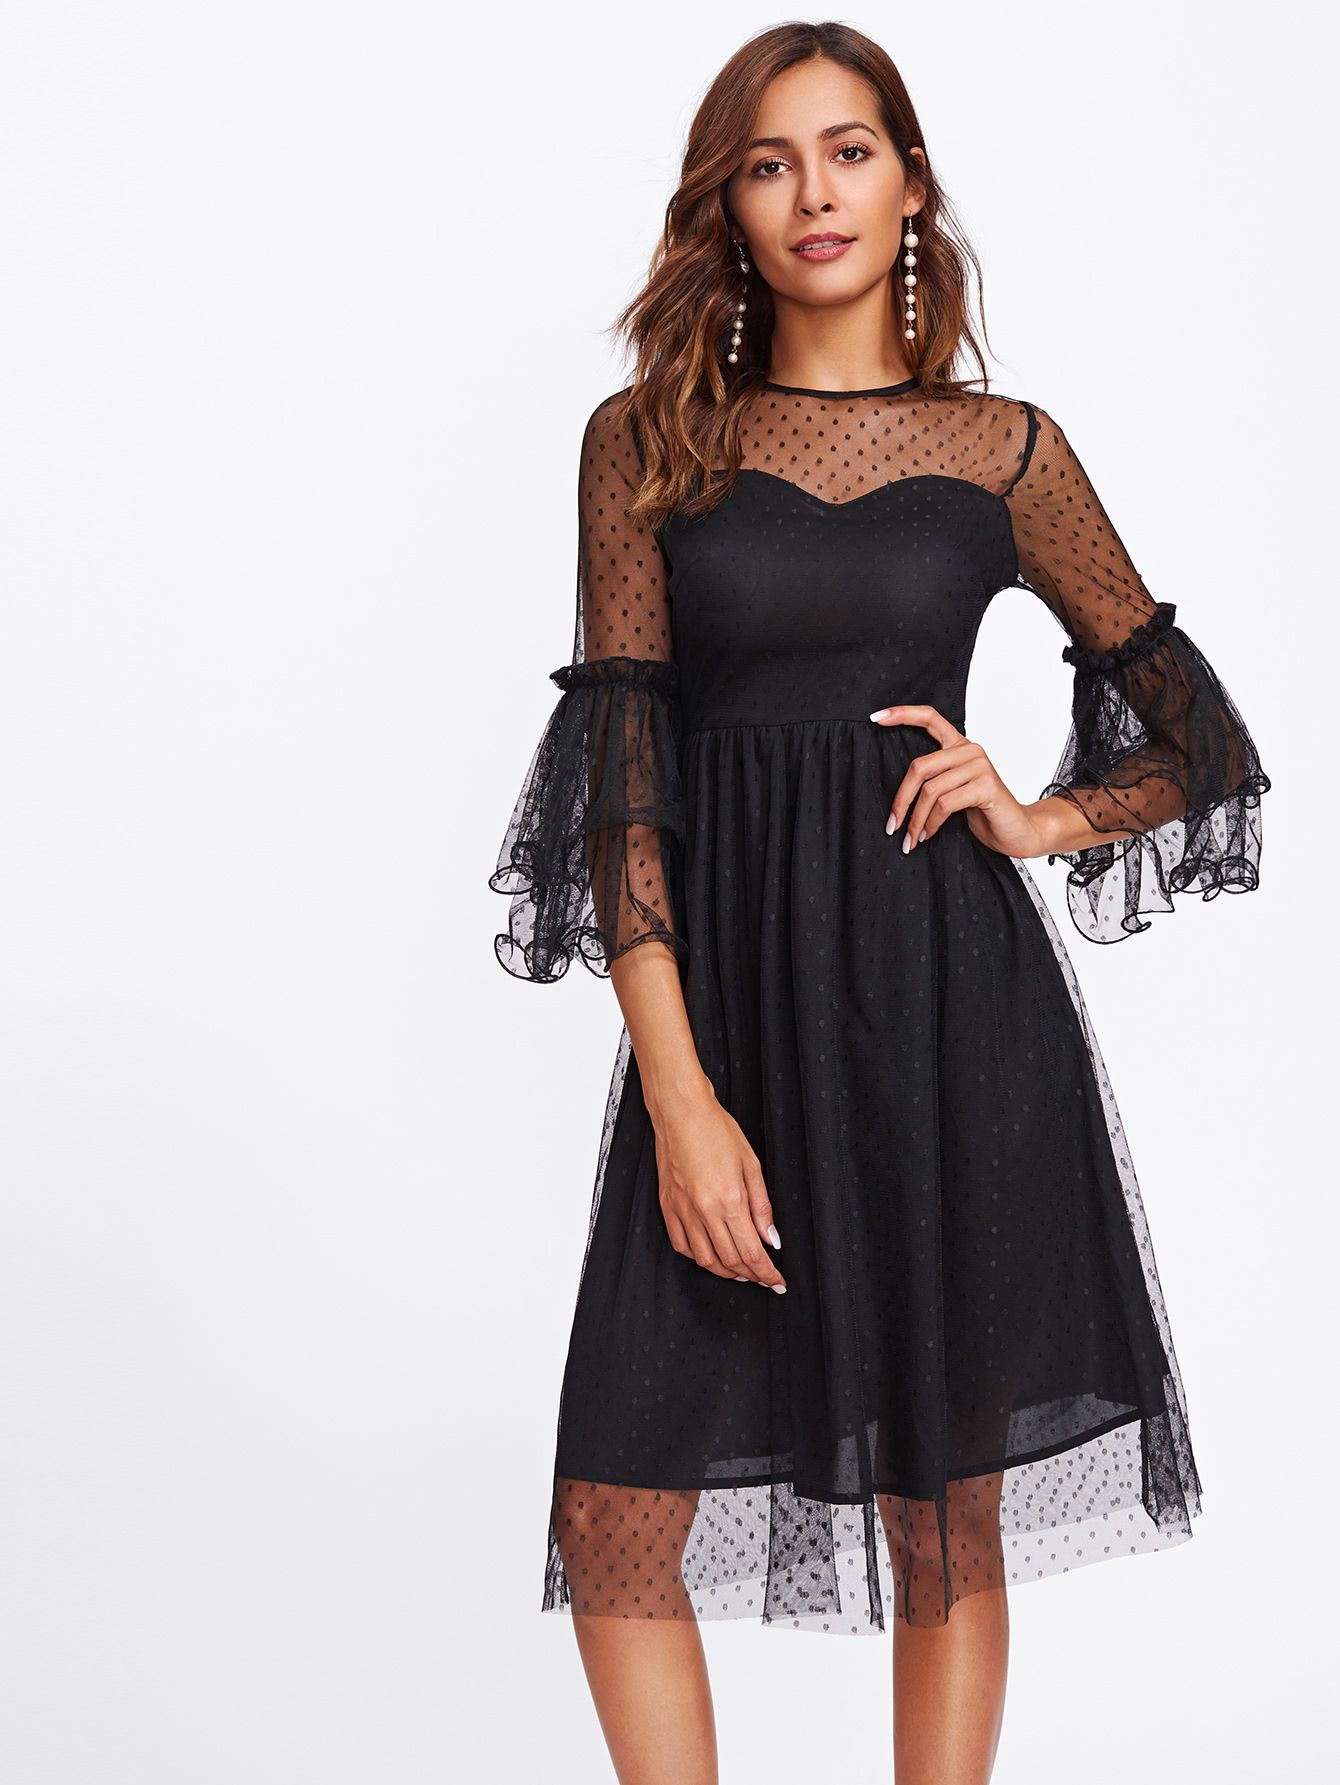 17b6047a5939ba Shop Layered Bell Sleeve Dot Mesh Overlay Dress online. SheIn offers  Layered Bell Sleeve Dot Mesh Overlay Dress & more to fit your fashionable  needs.